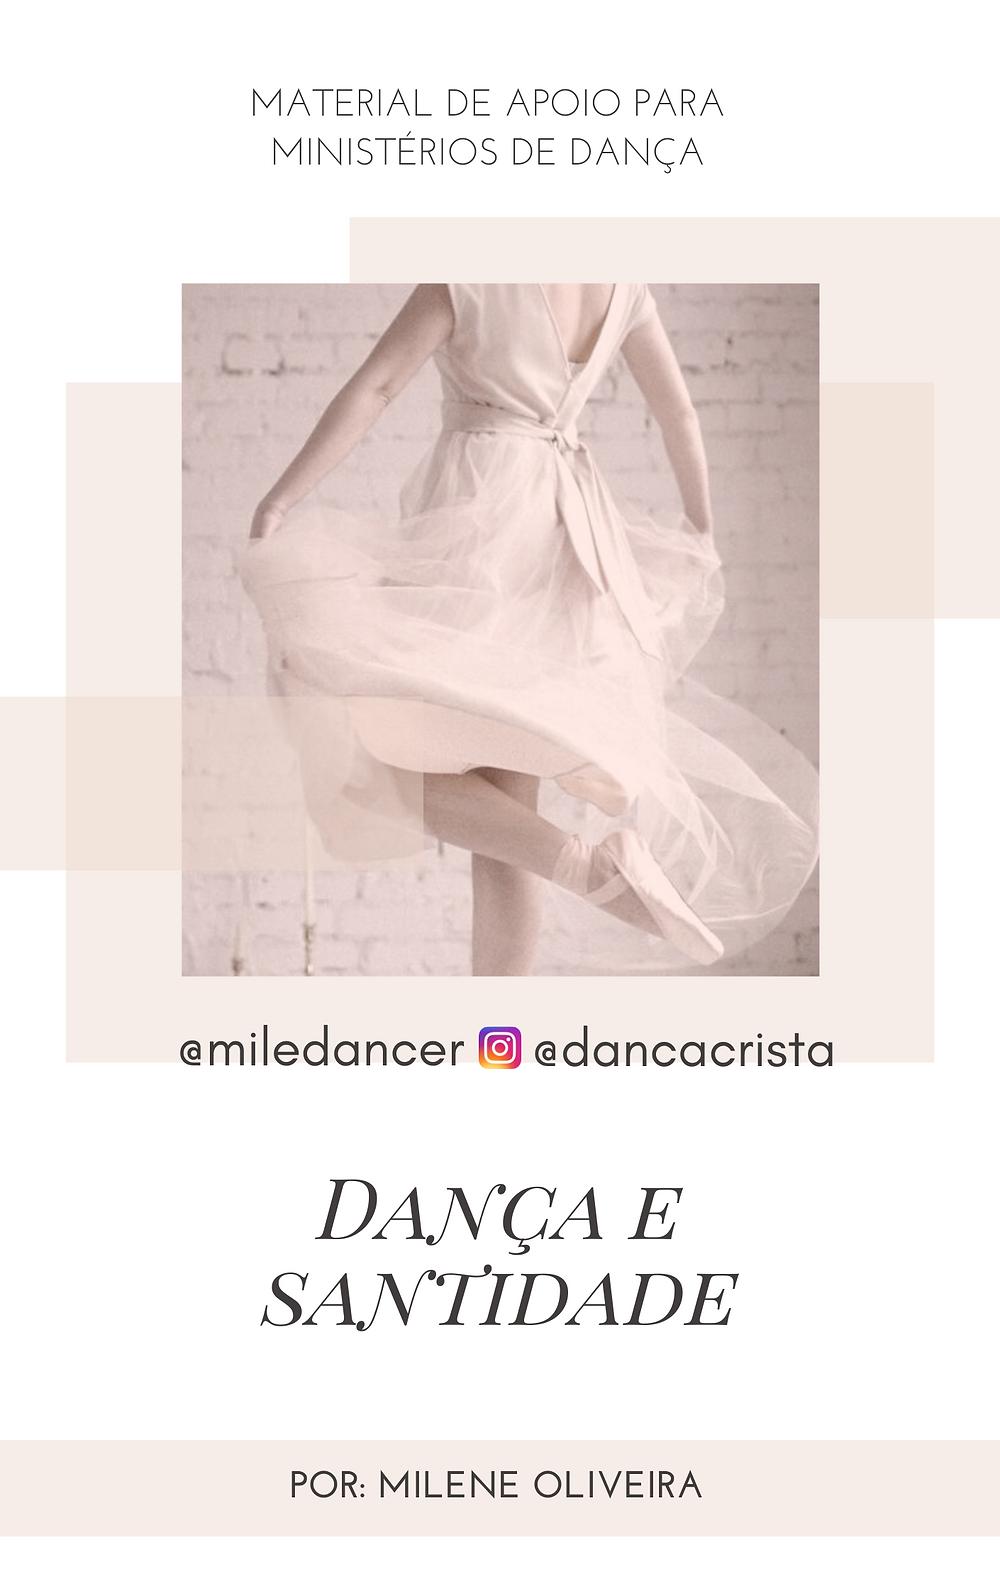 Apostila e estudos grátis para ministério de dança